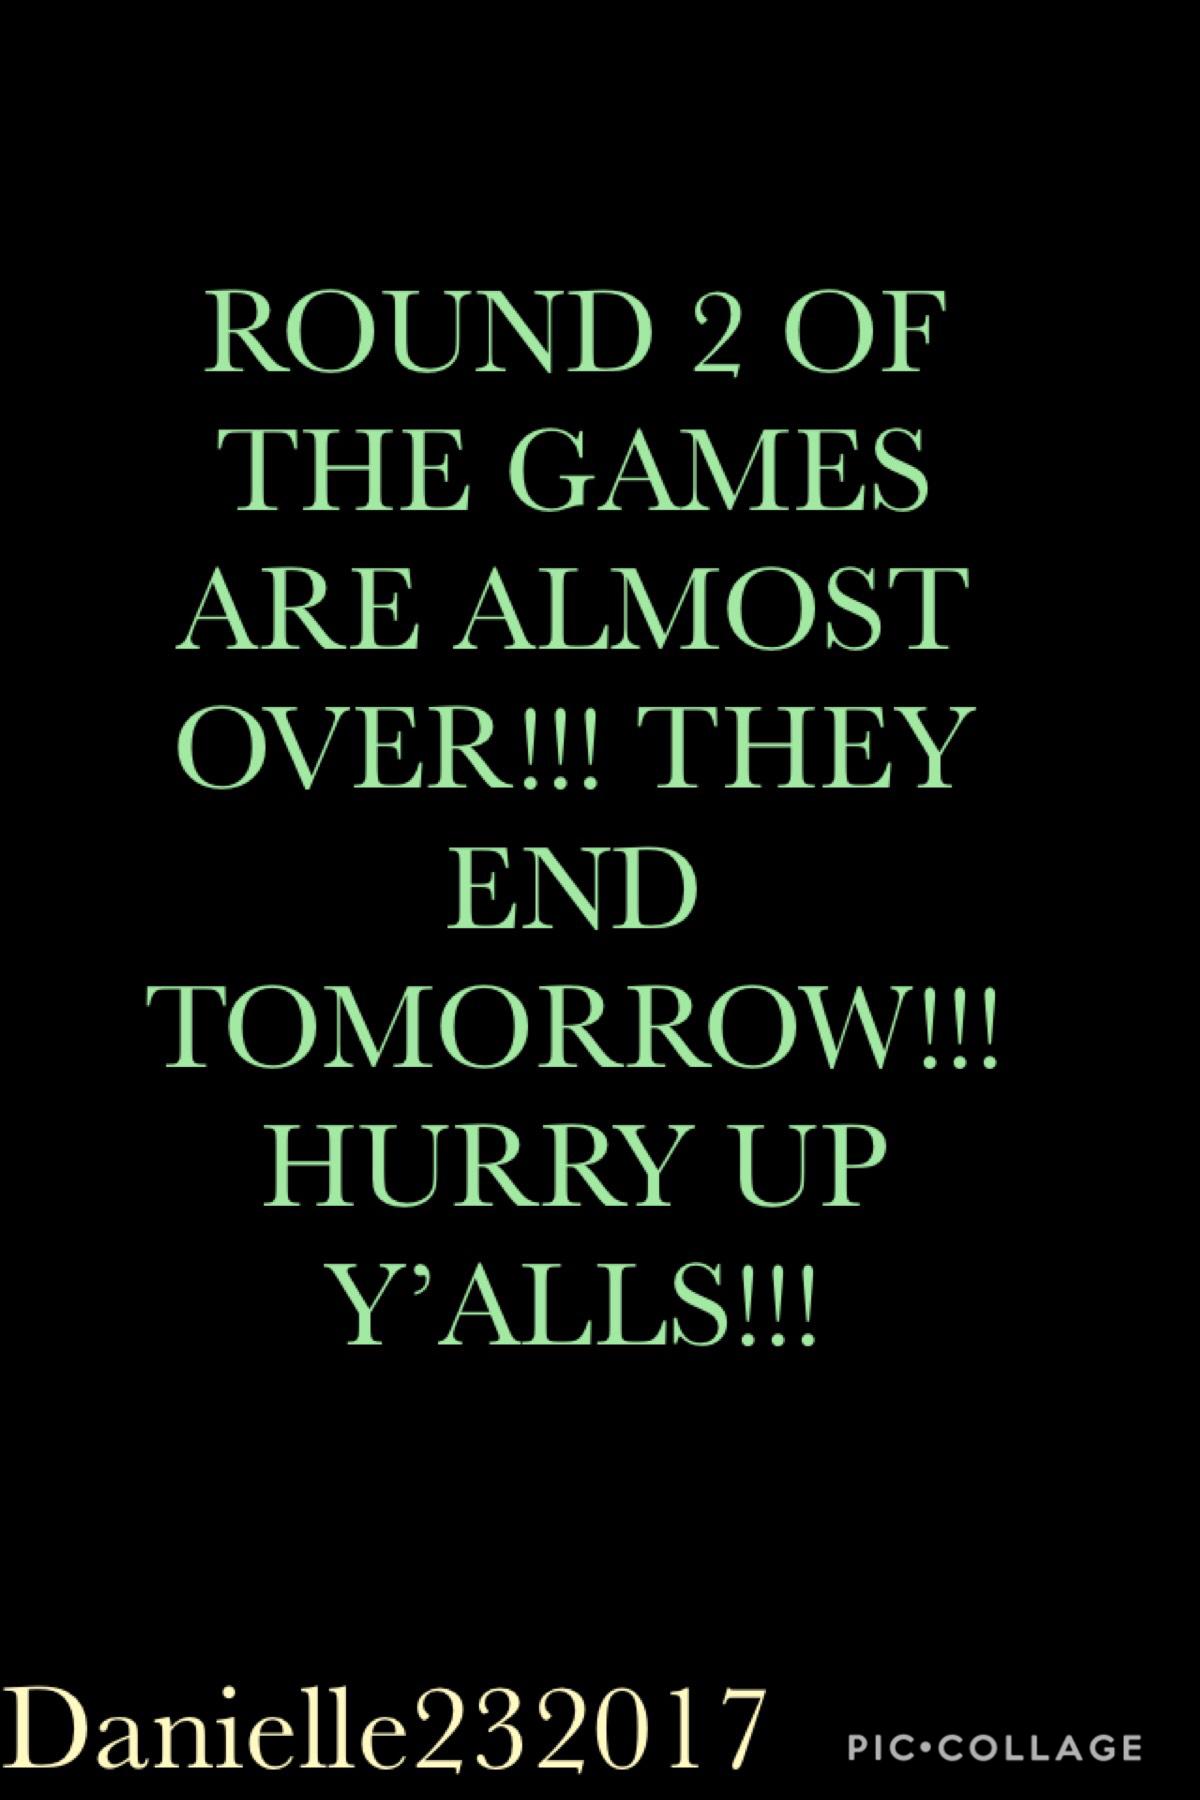 Hurry y'alls